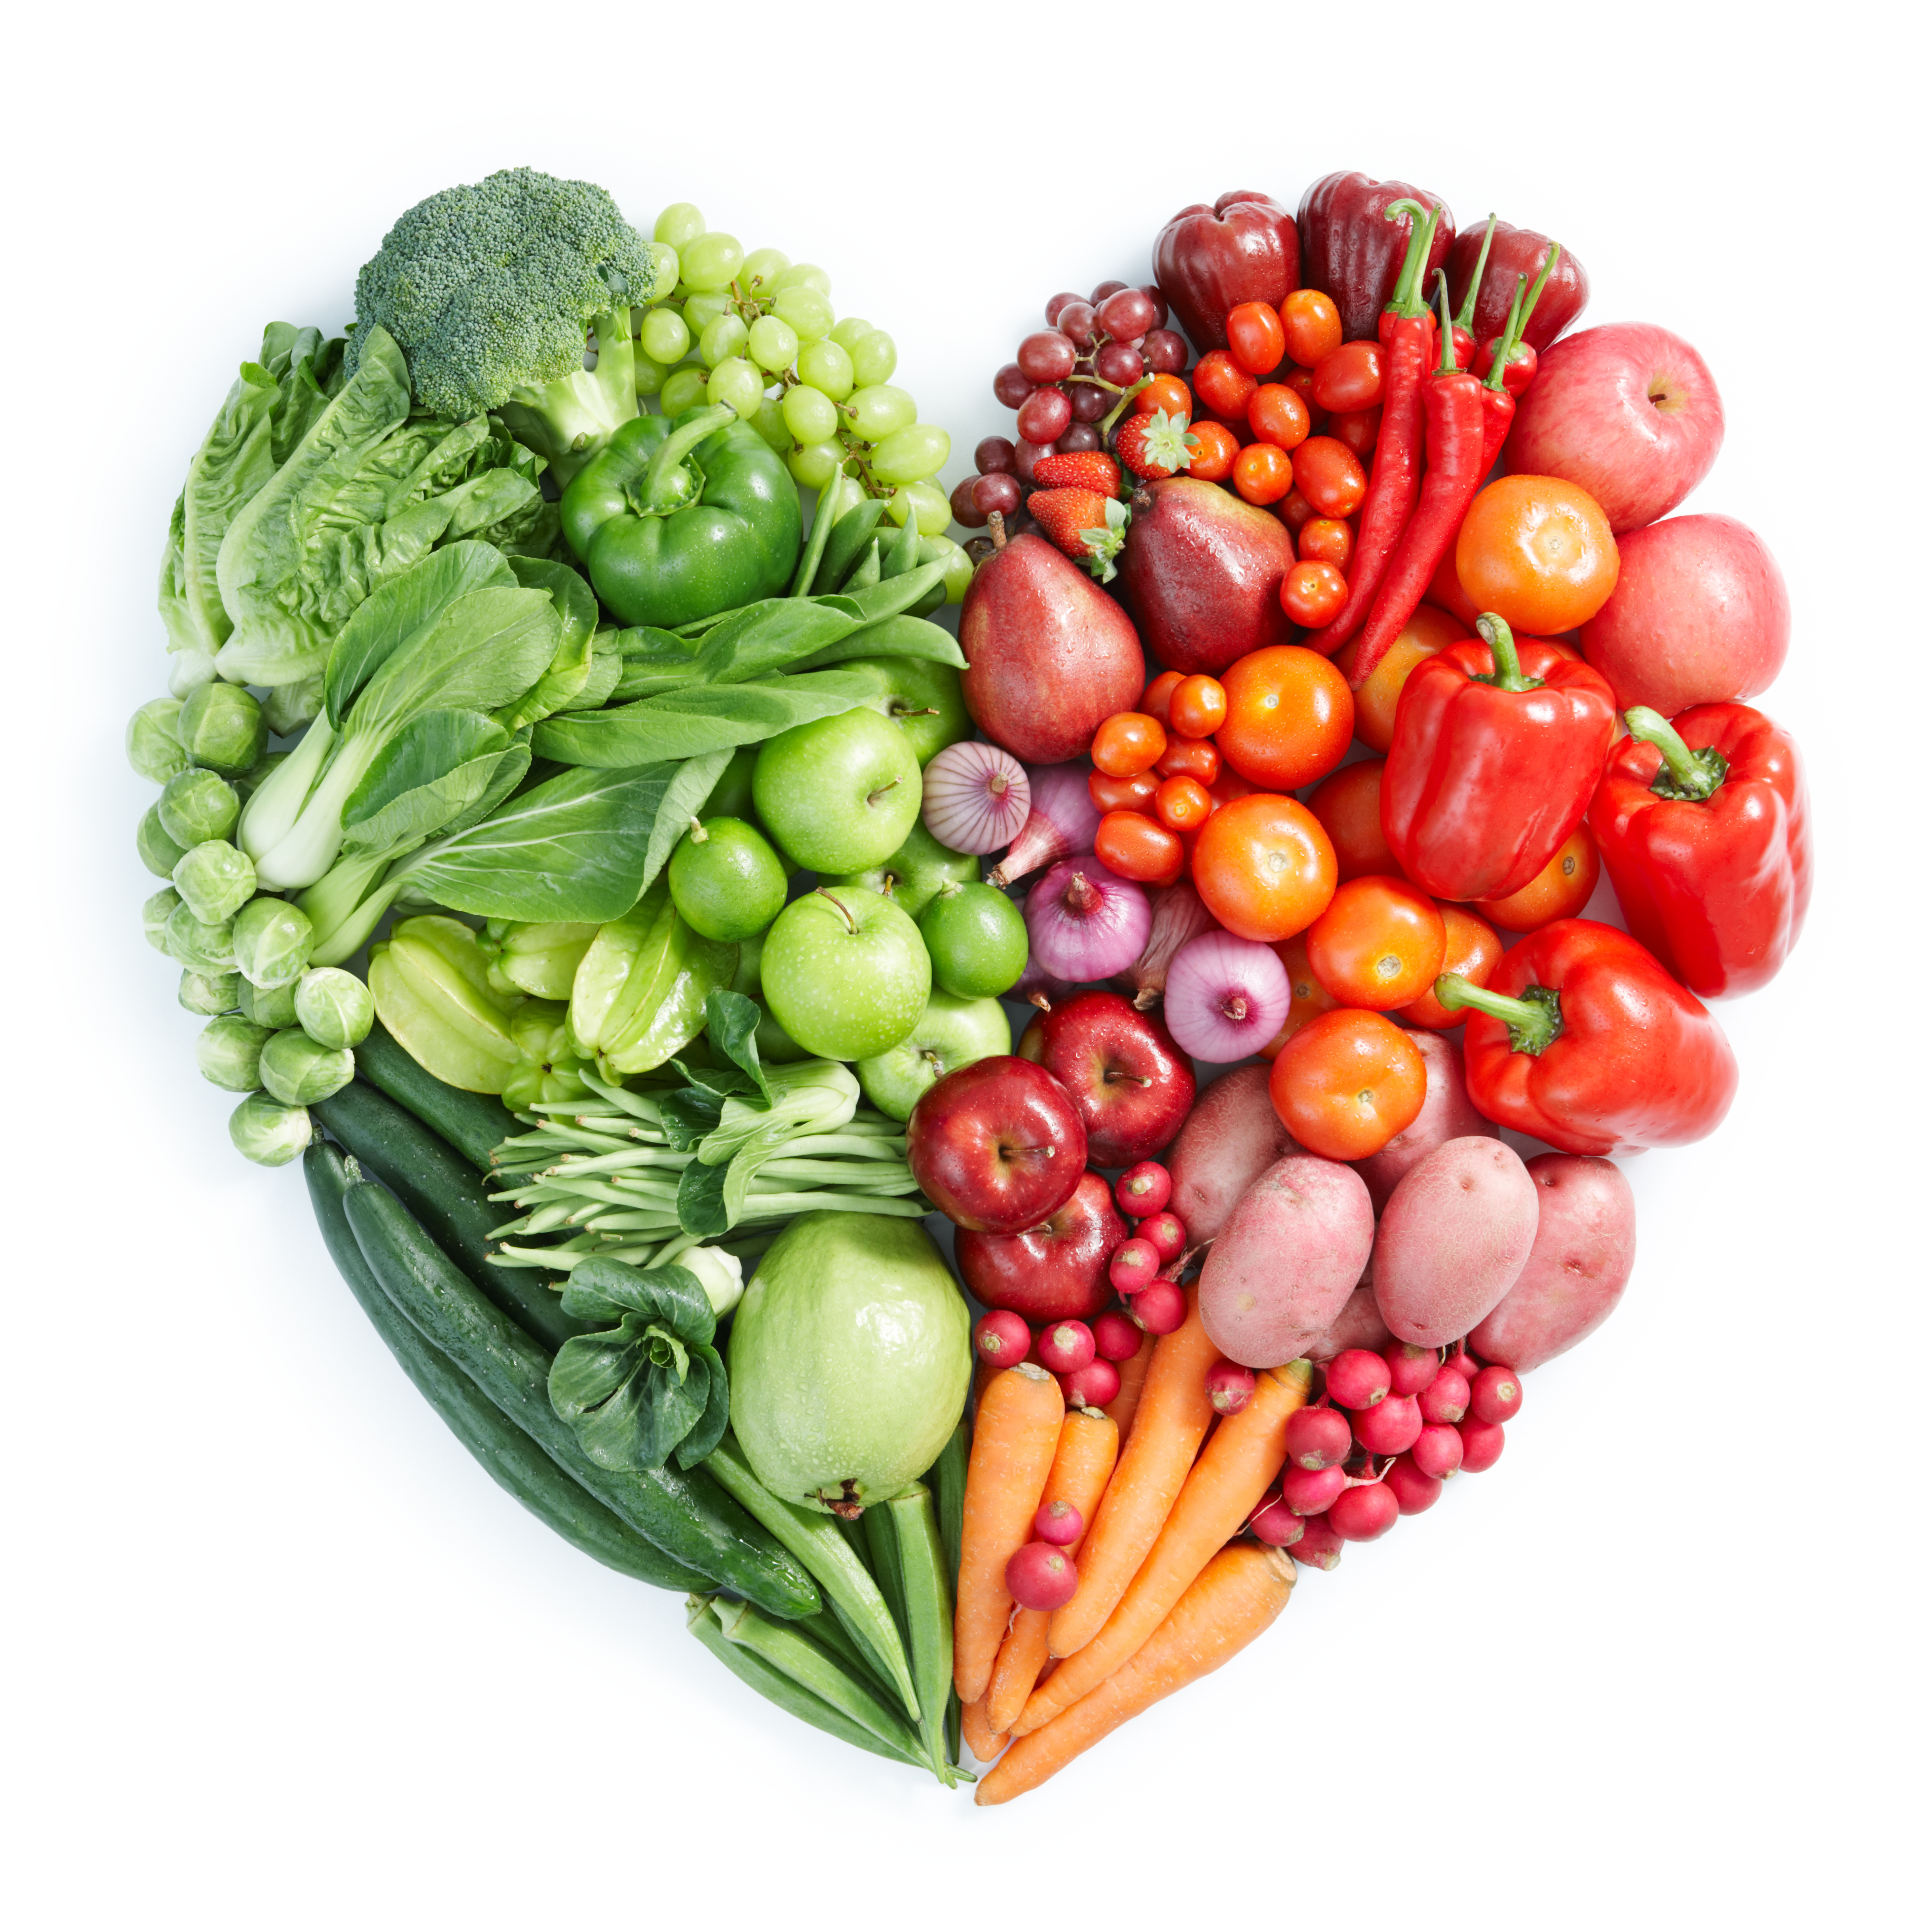 Vår livsstil är viktig för att behålla en god hälsa - ge dig själv lite extra kärlek genom att äta mer grönt.